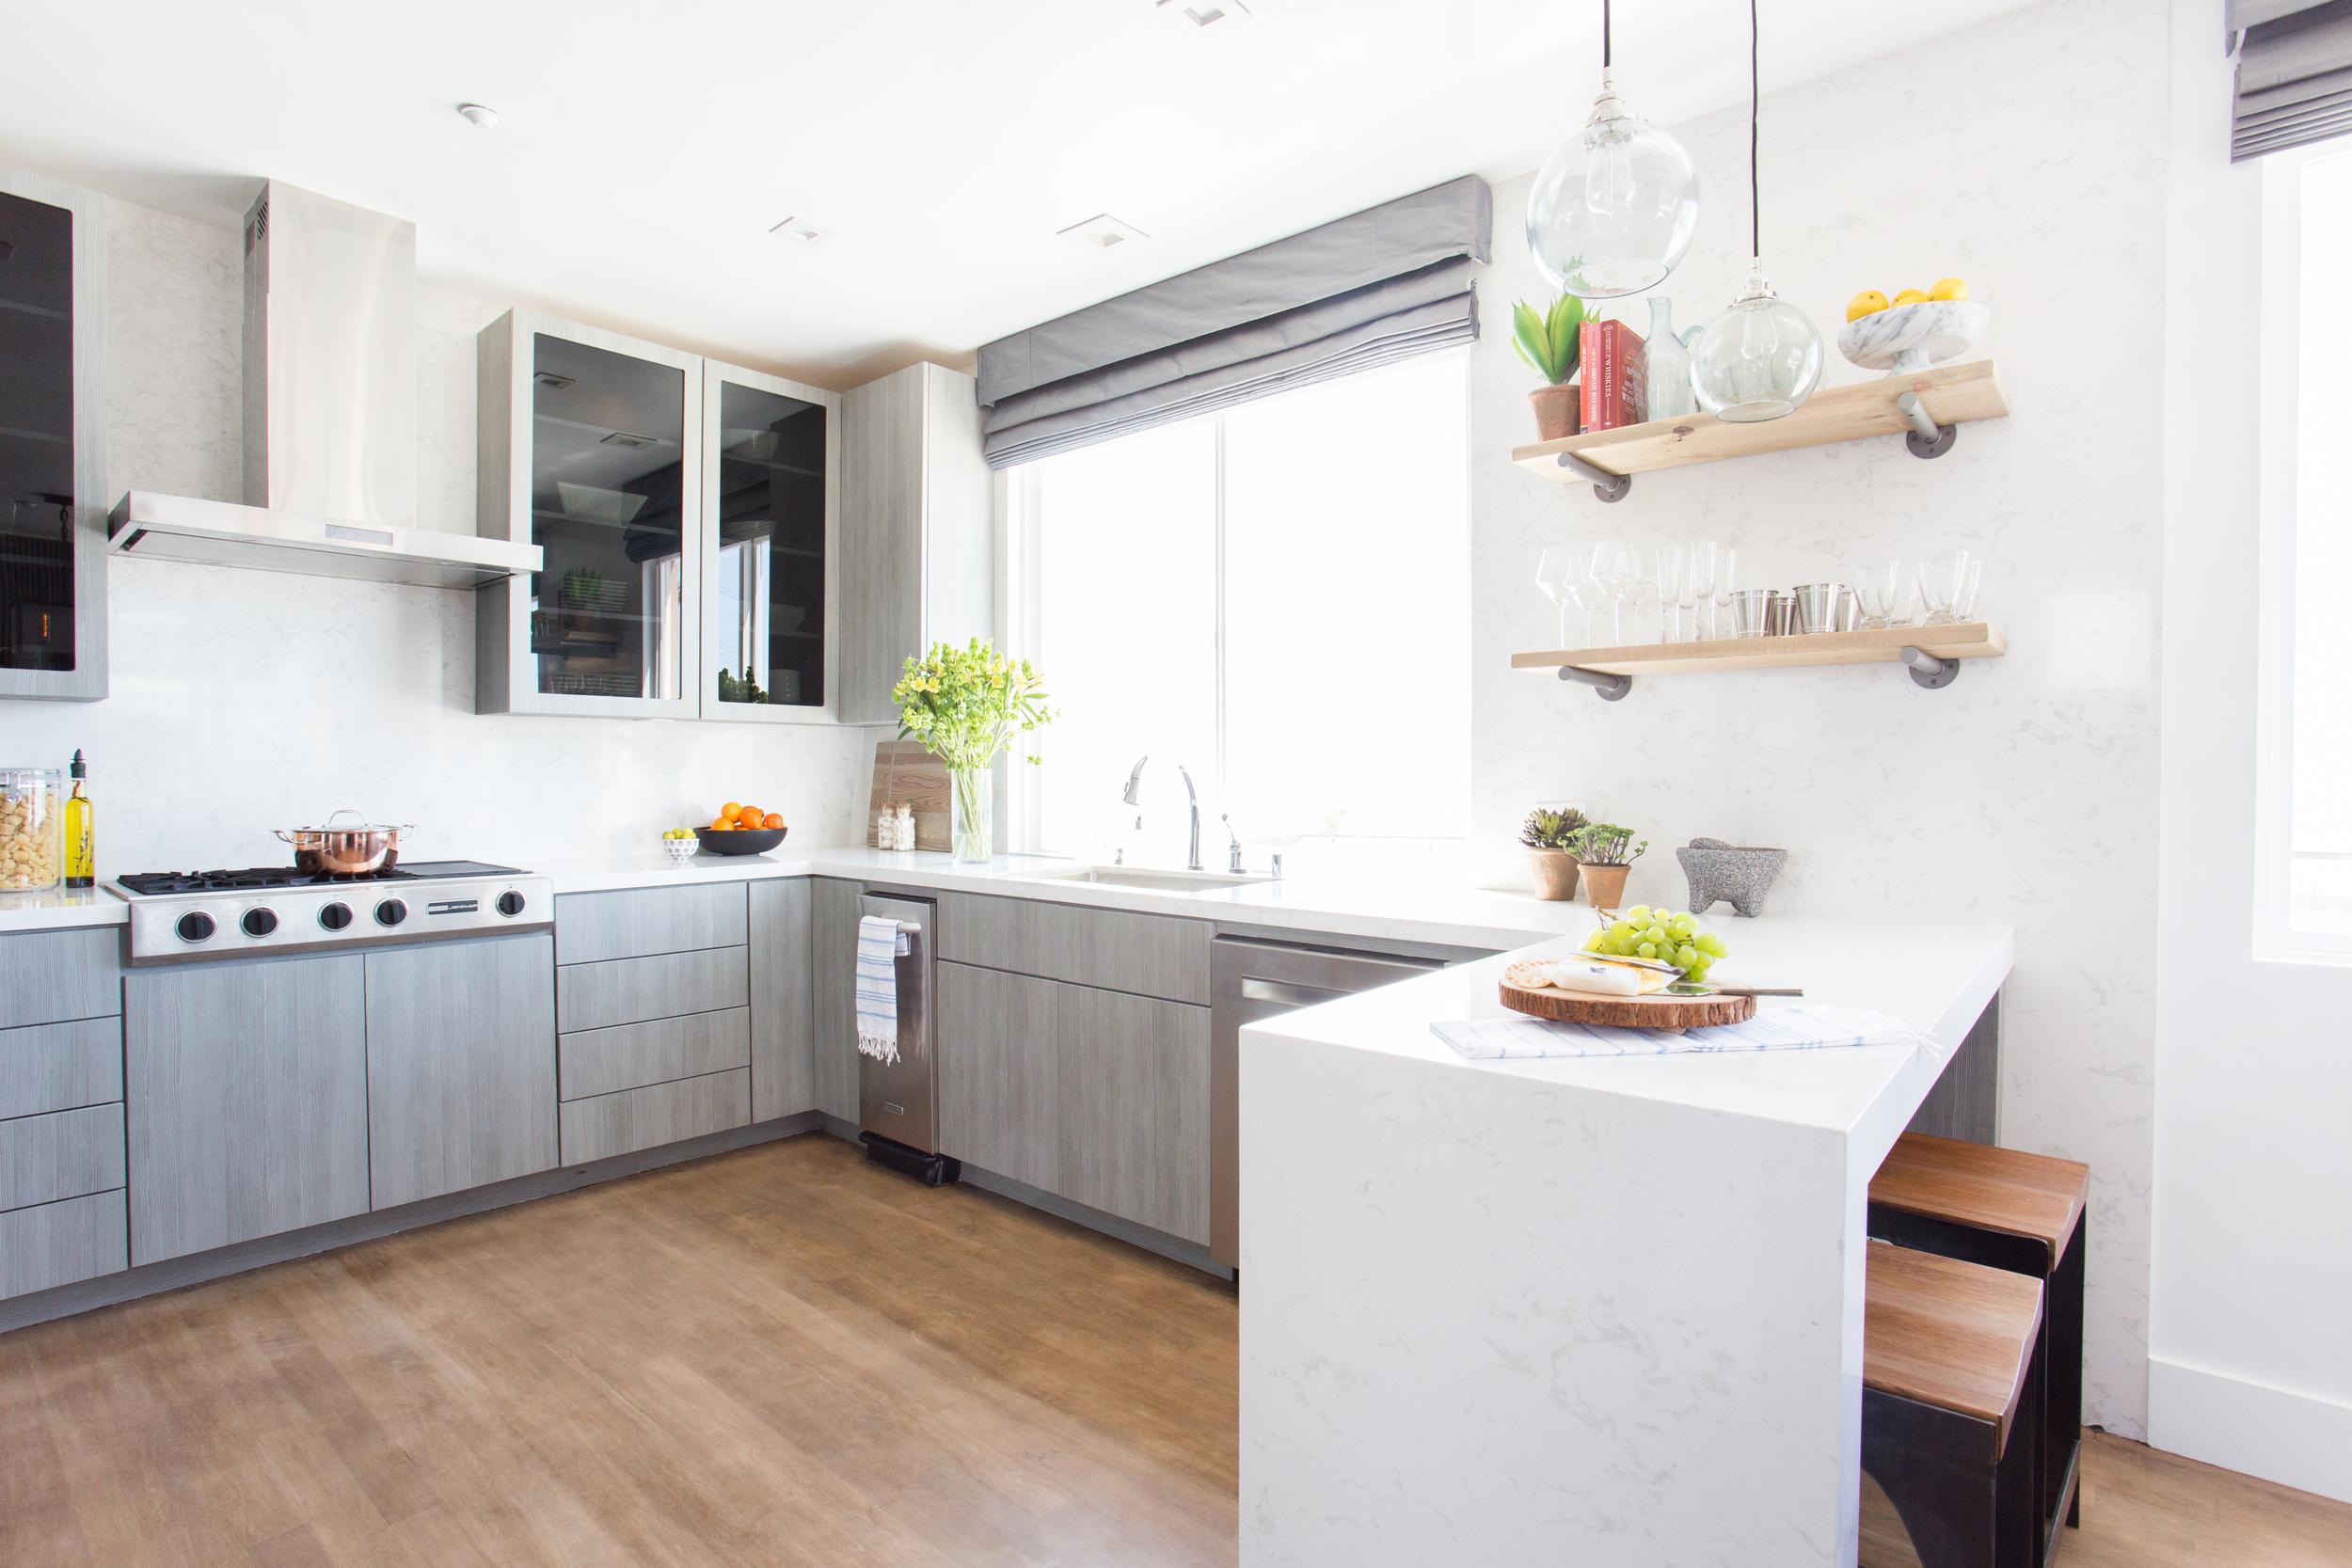 M kitchen 2.jpg